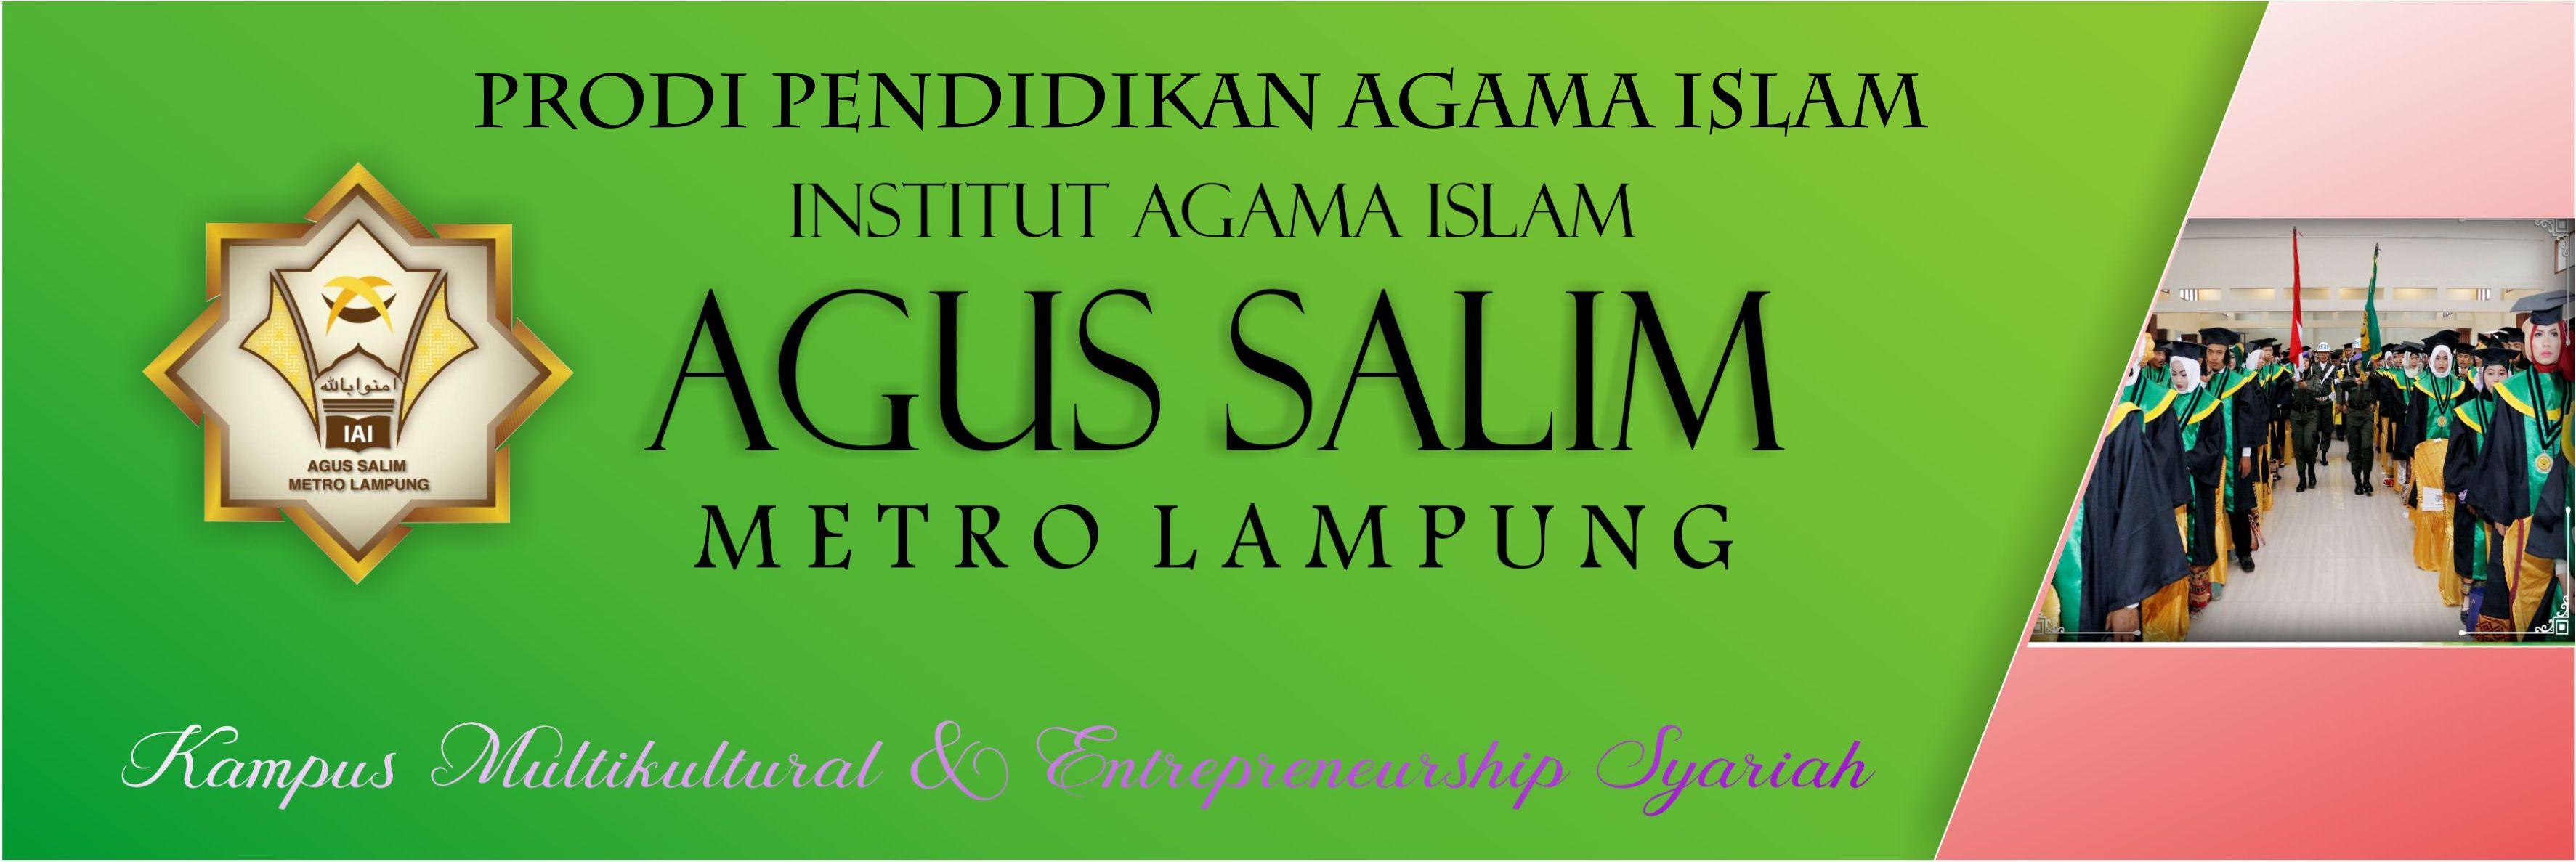 PAI Agus Salim Metro